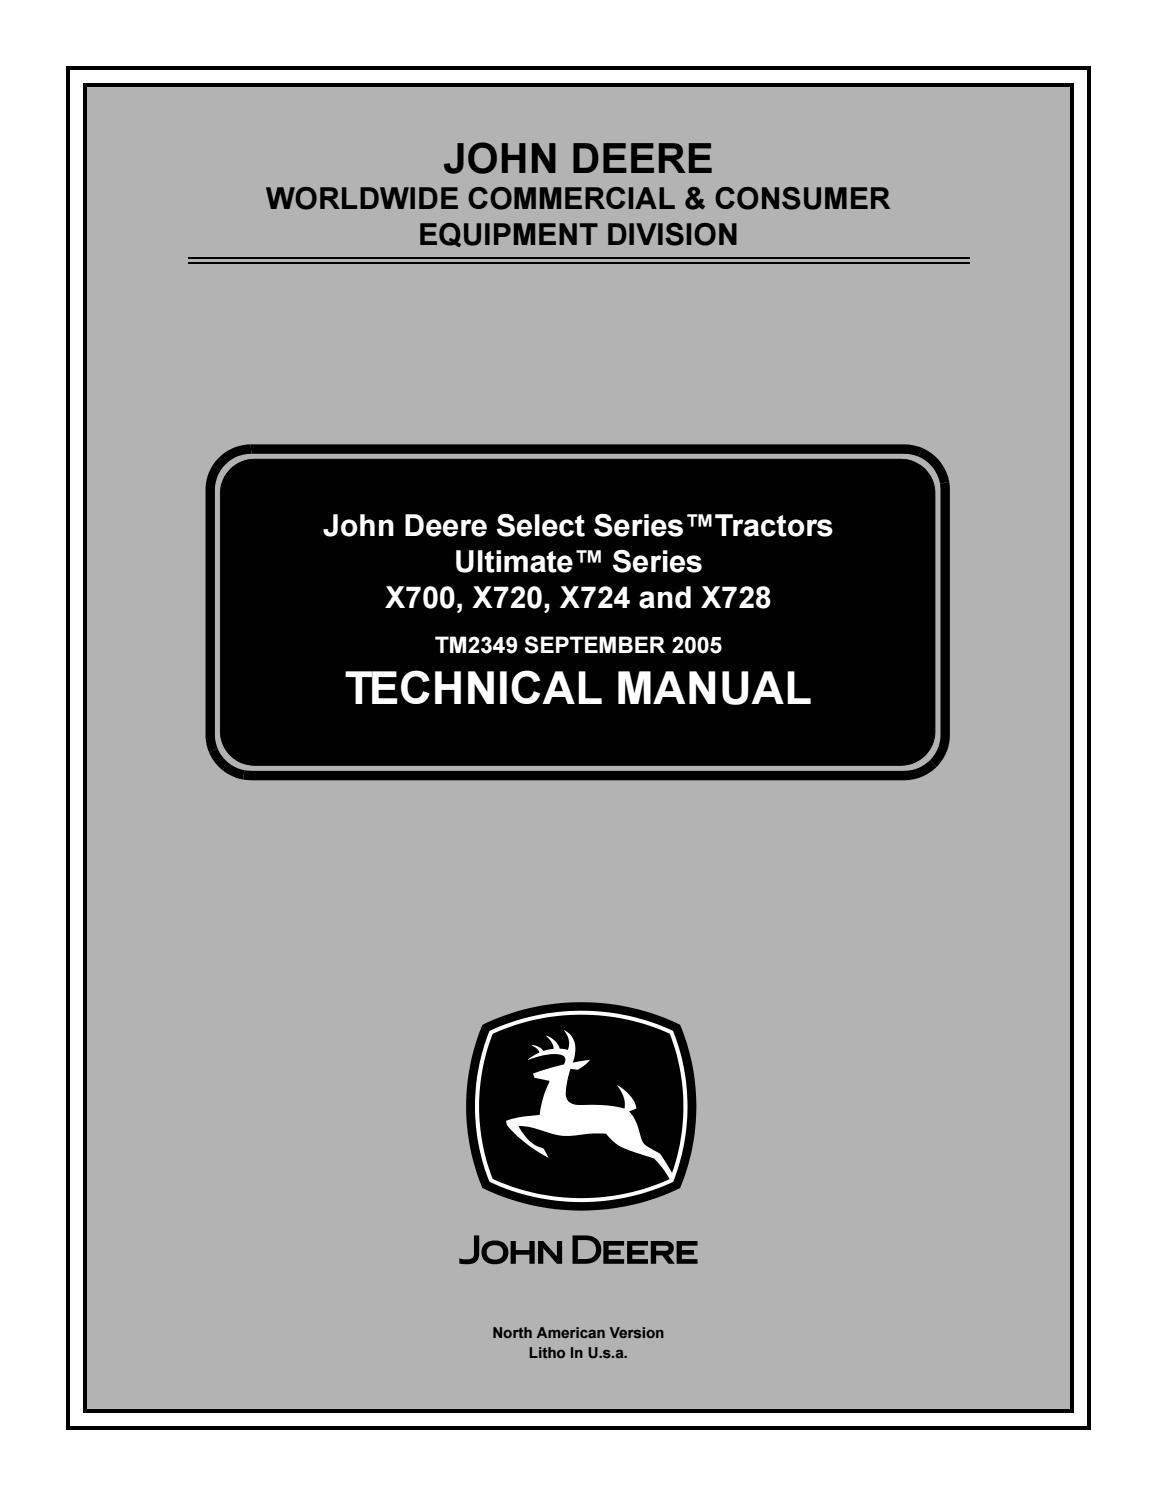 JOHN DEERE X720 LAWN & GARDEN TRACTOR Service Repair